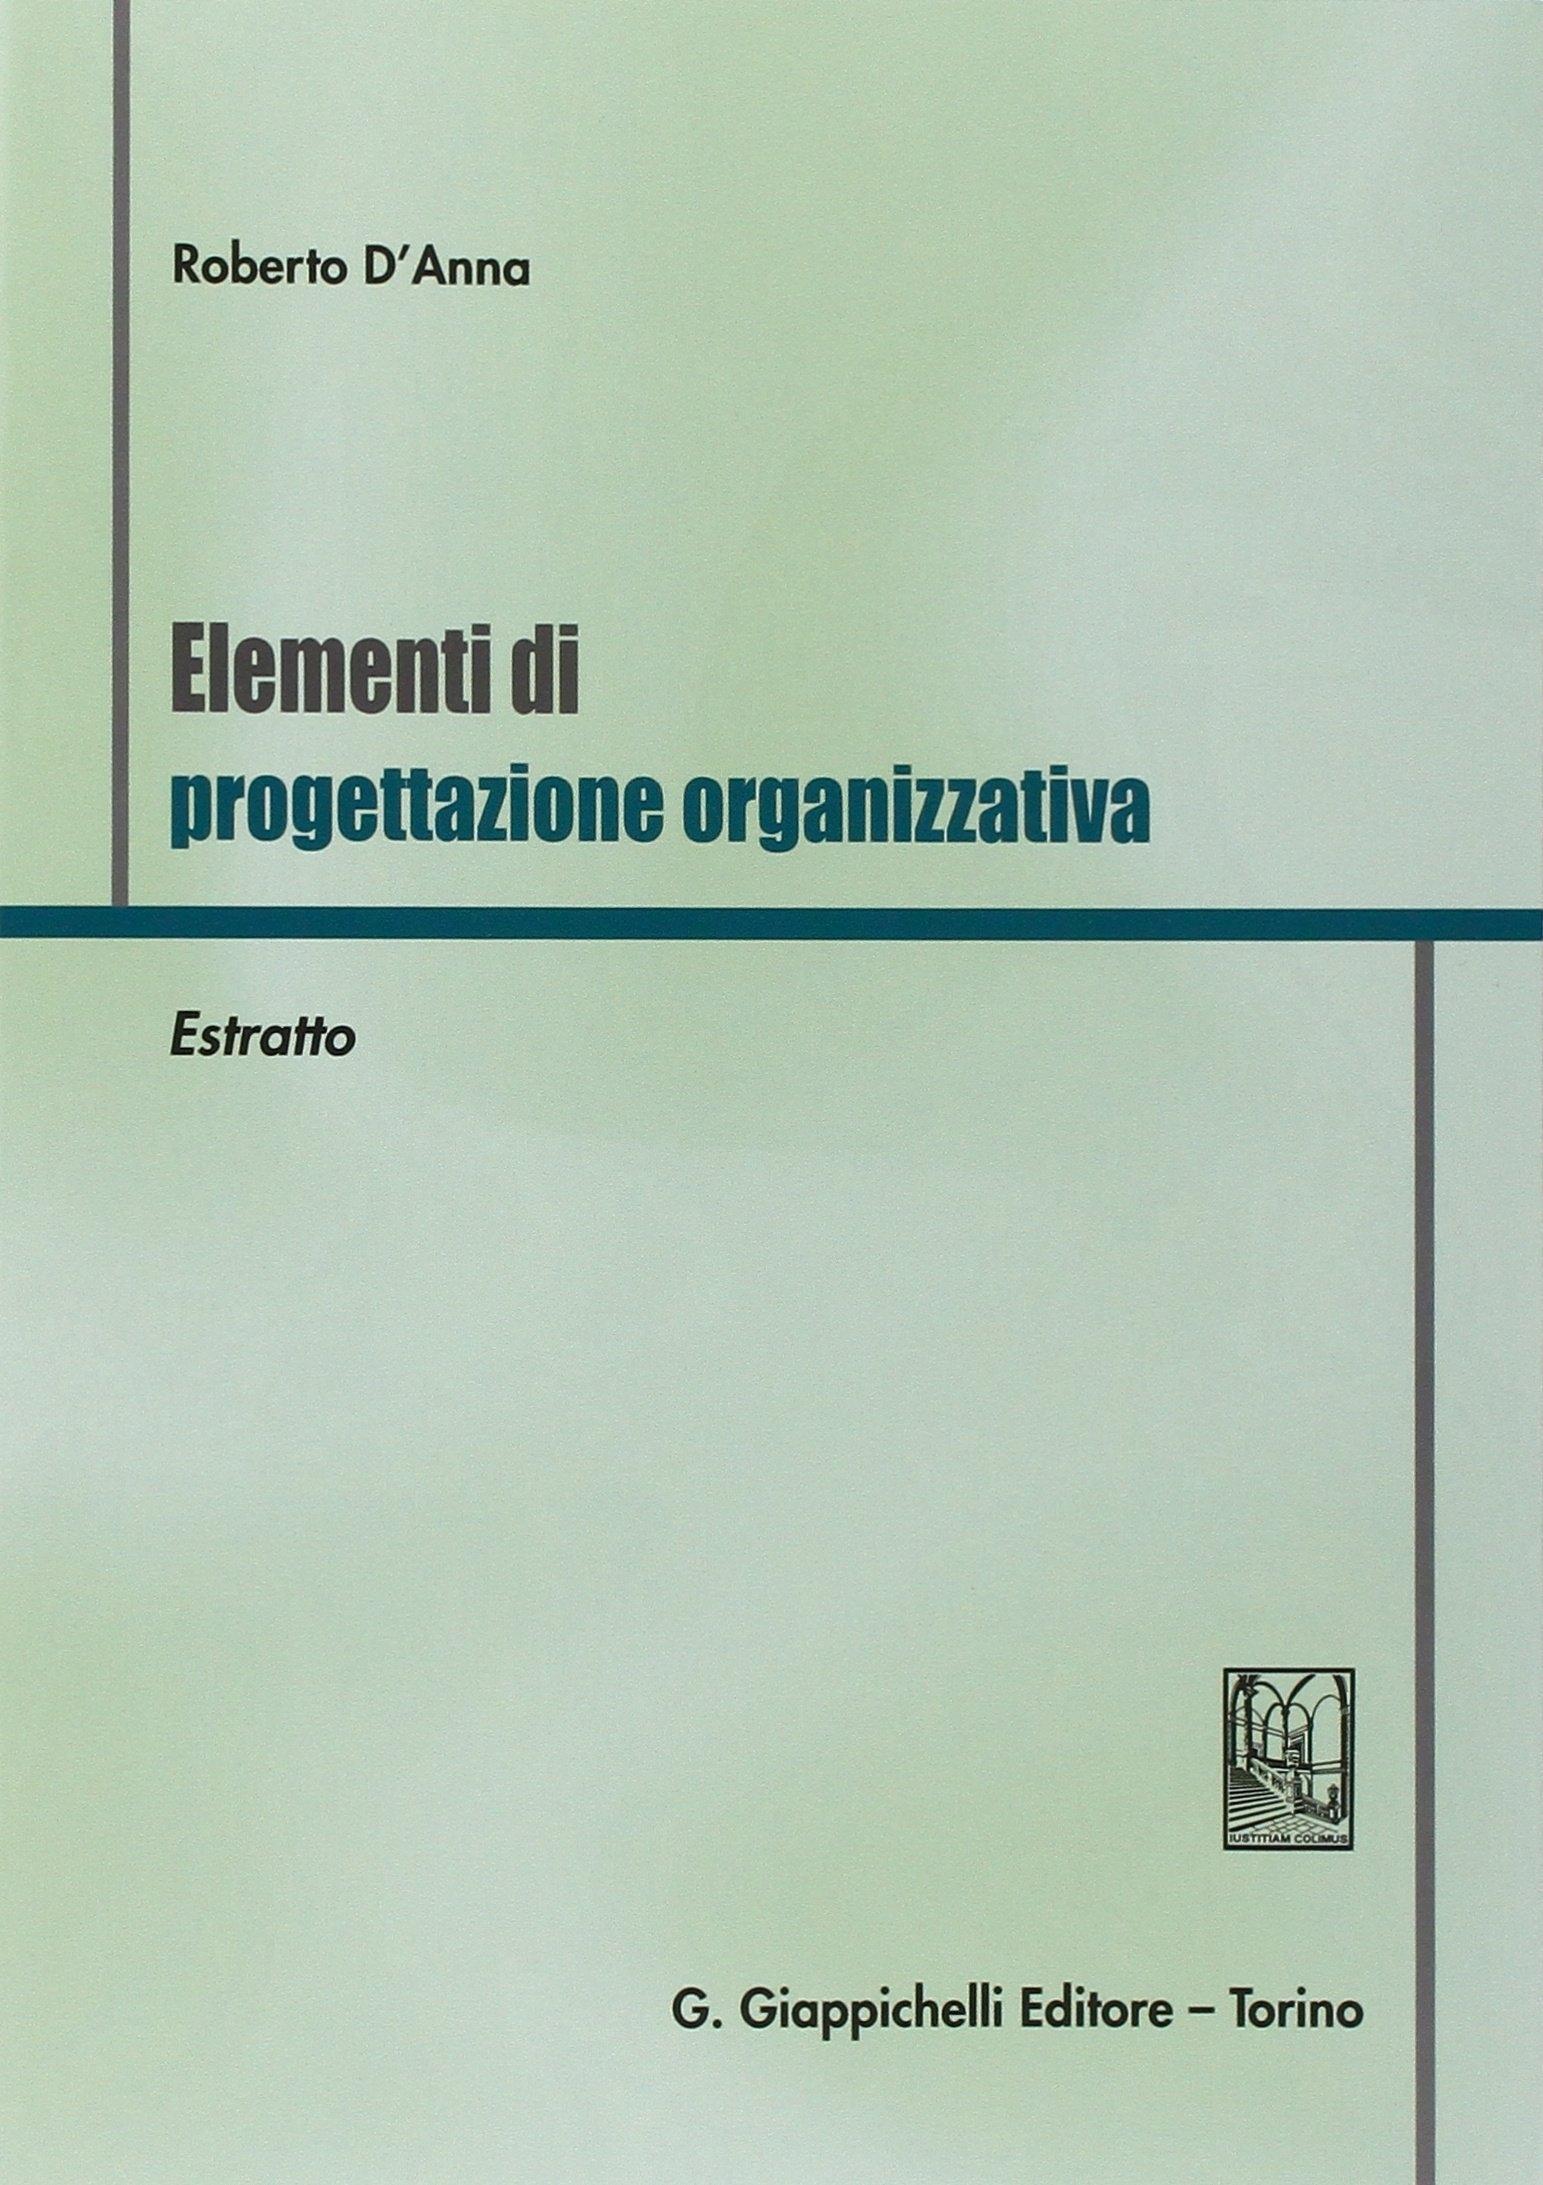 Elementi di progettazione organizzativa. Estratto.